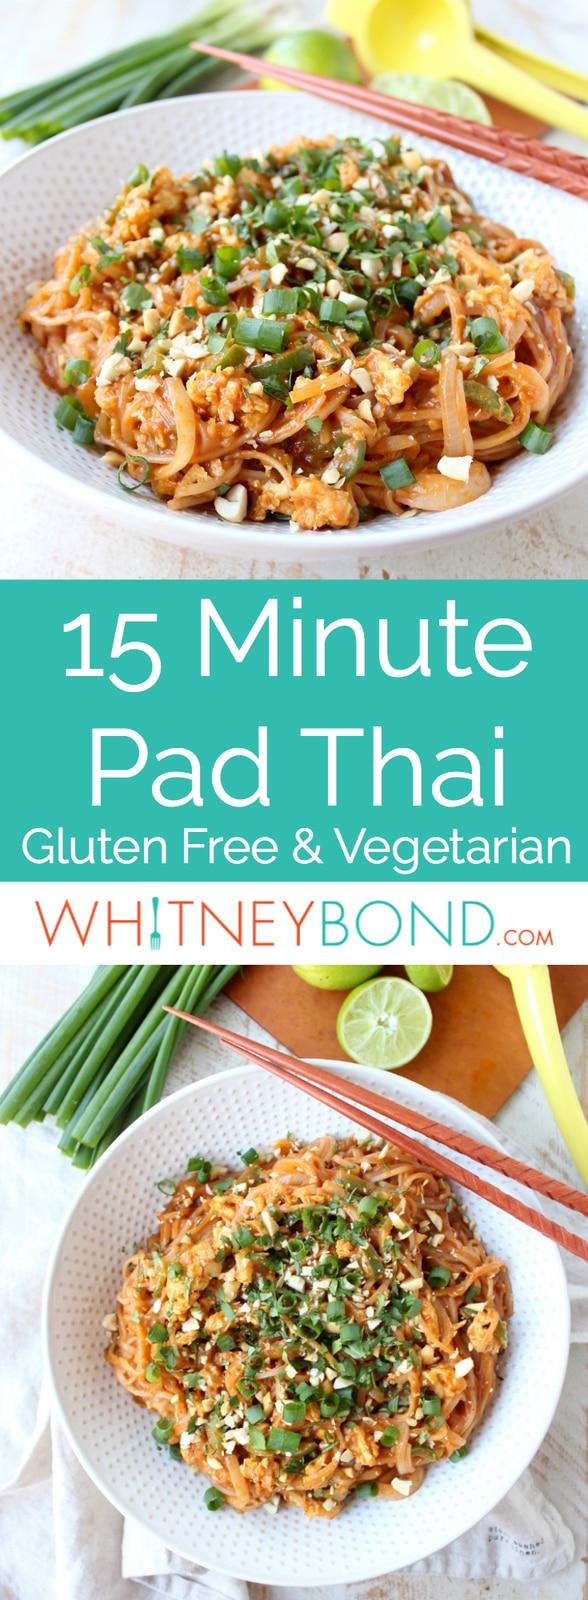 Pad Thai Recipe: Vegetarian & Gluten Free - WhitneyBond.com